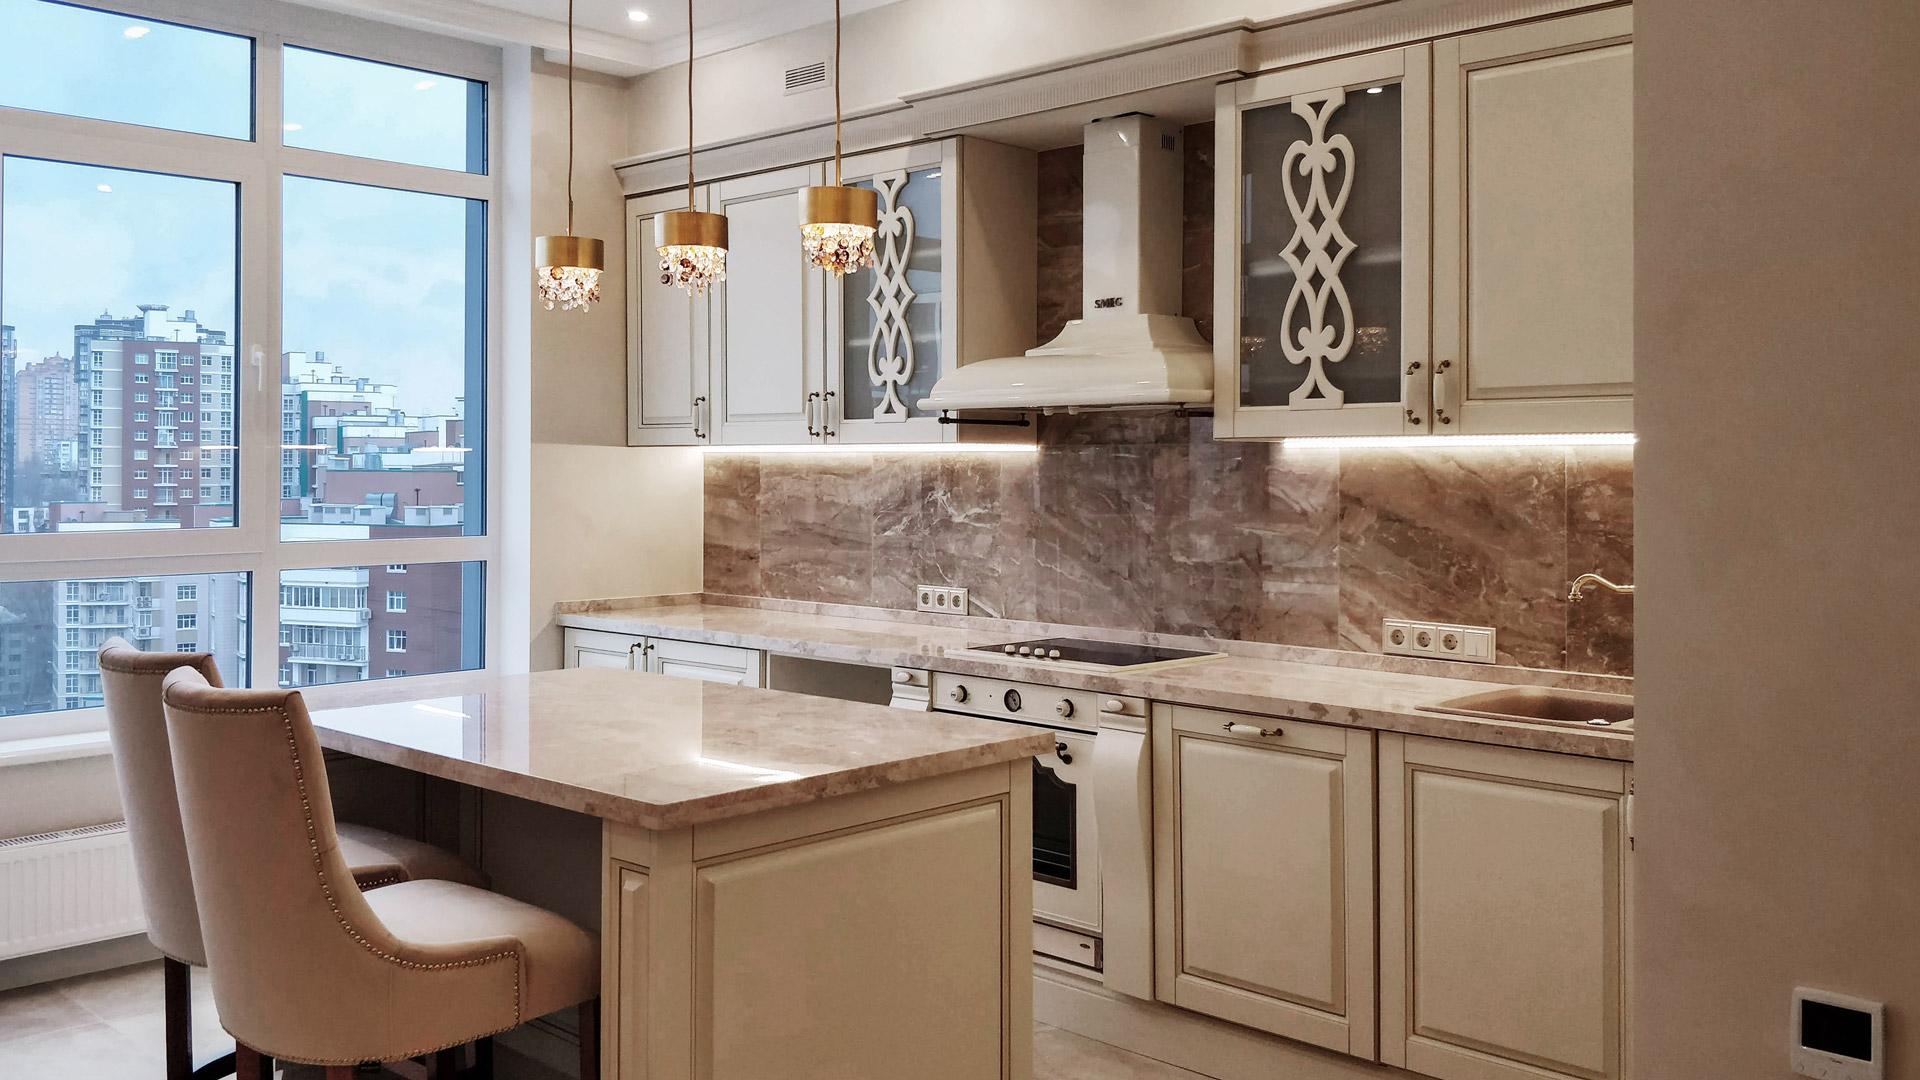 Ремонт кухни с грамотно устроенной вентиляцией